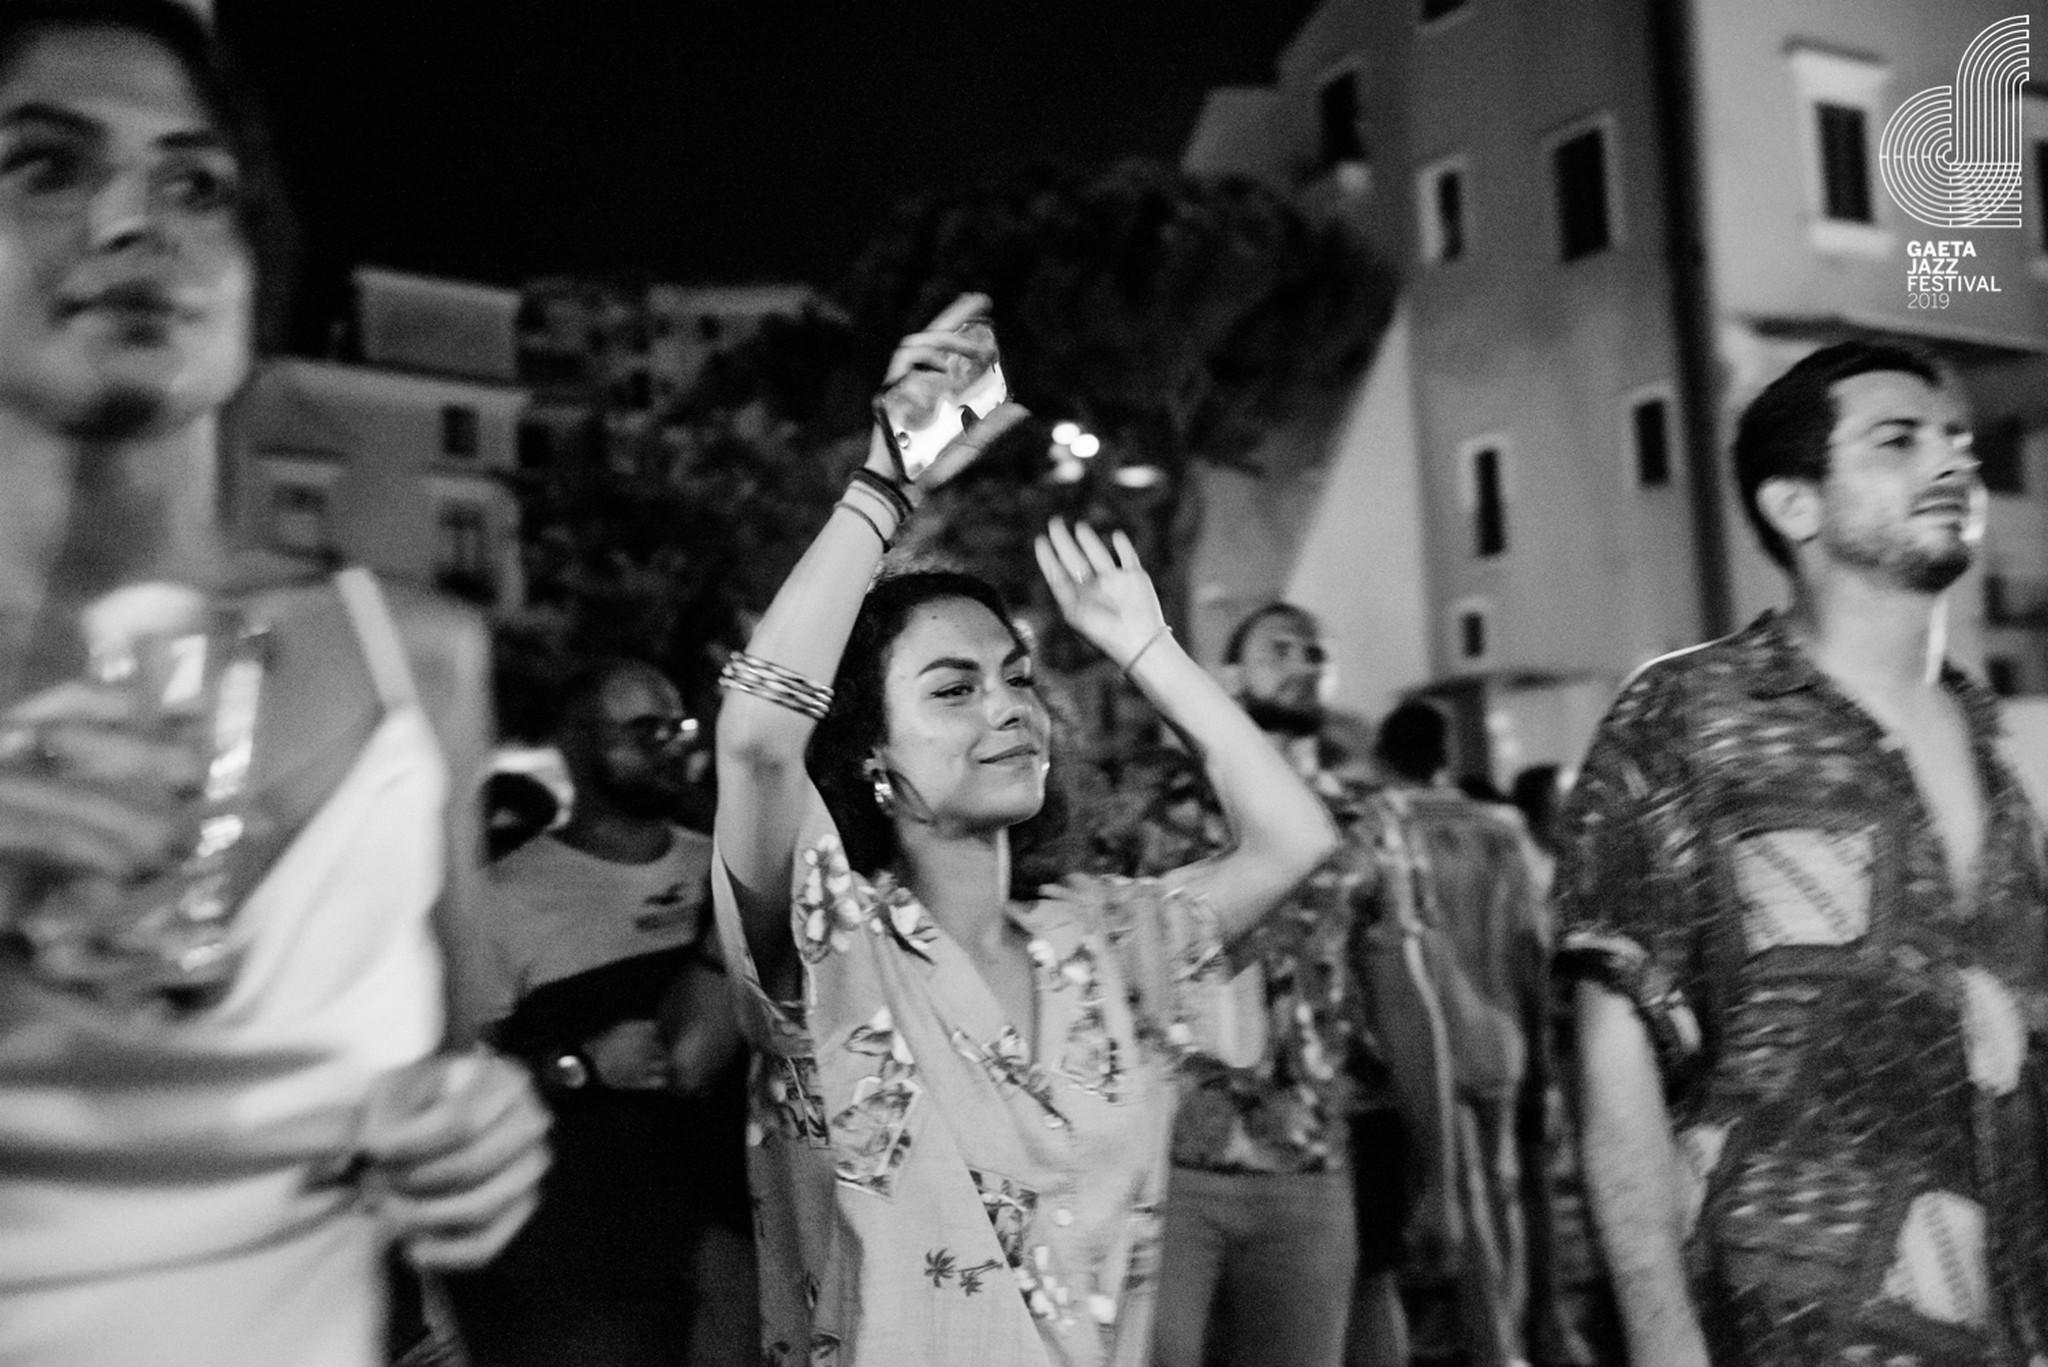 Flavia_Fiengo_Gaeta_Jazz_Festival_live_2019__00084